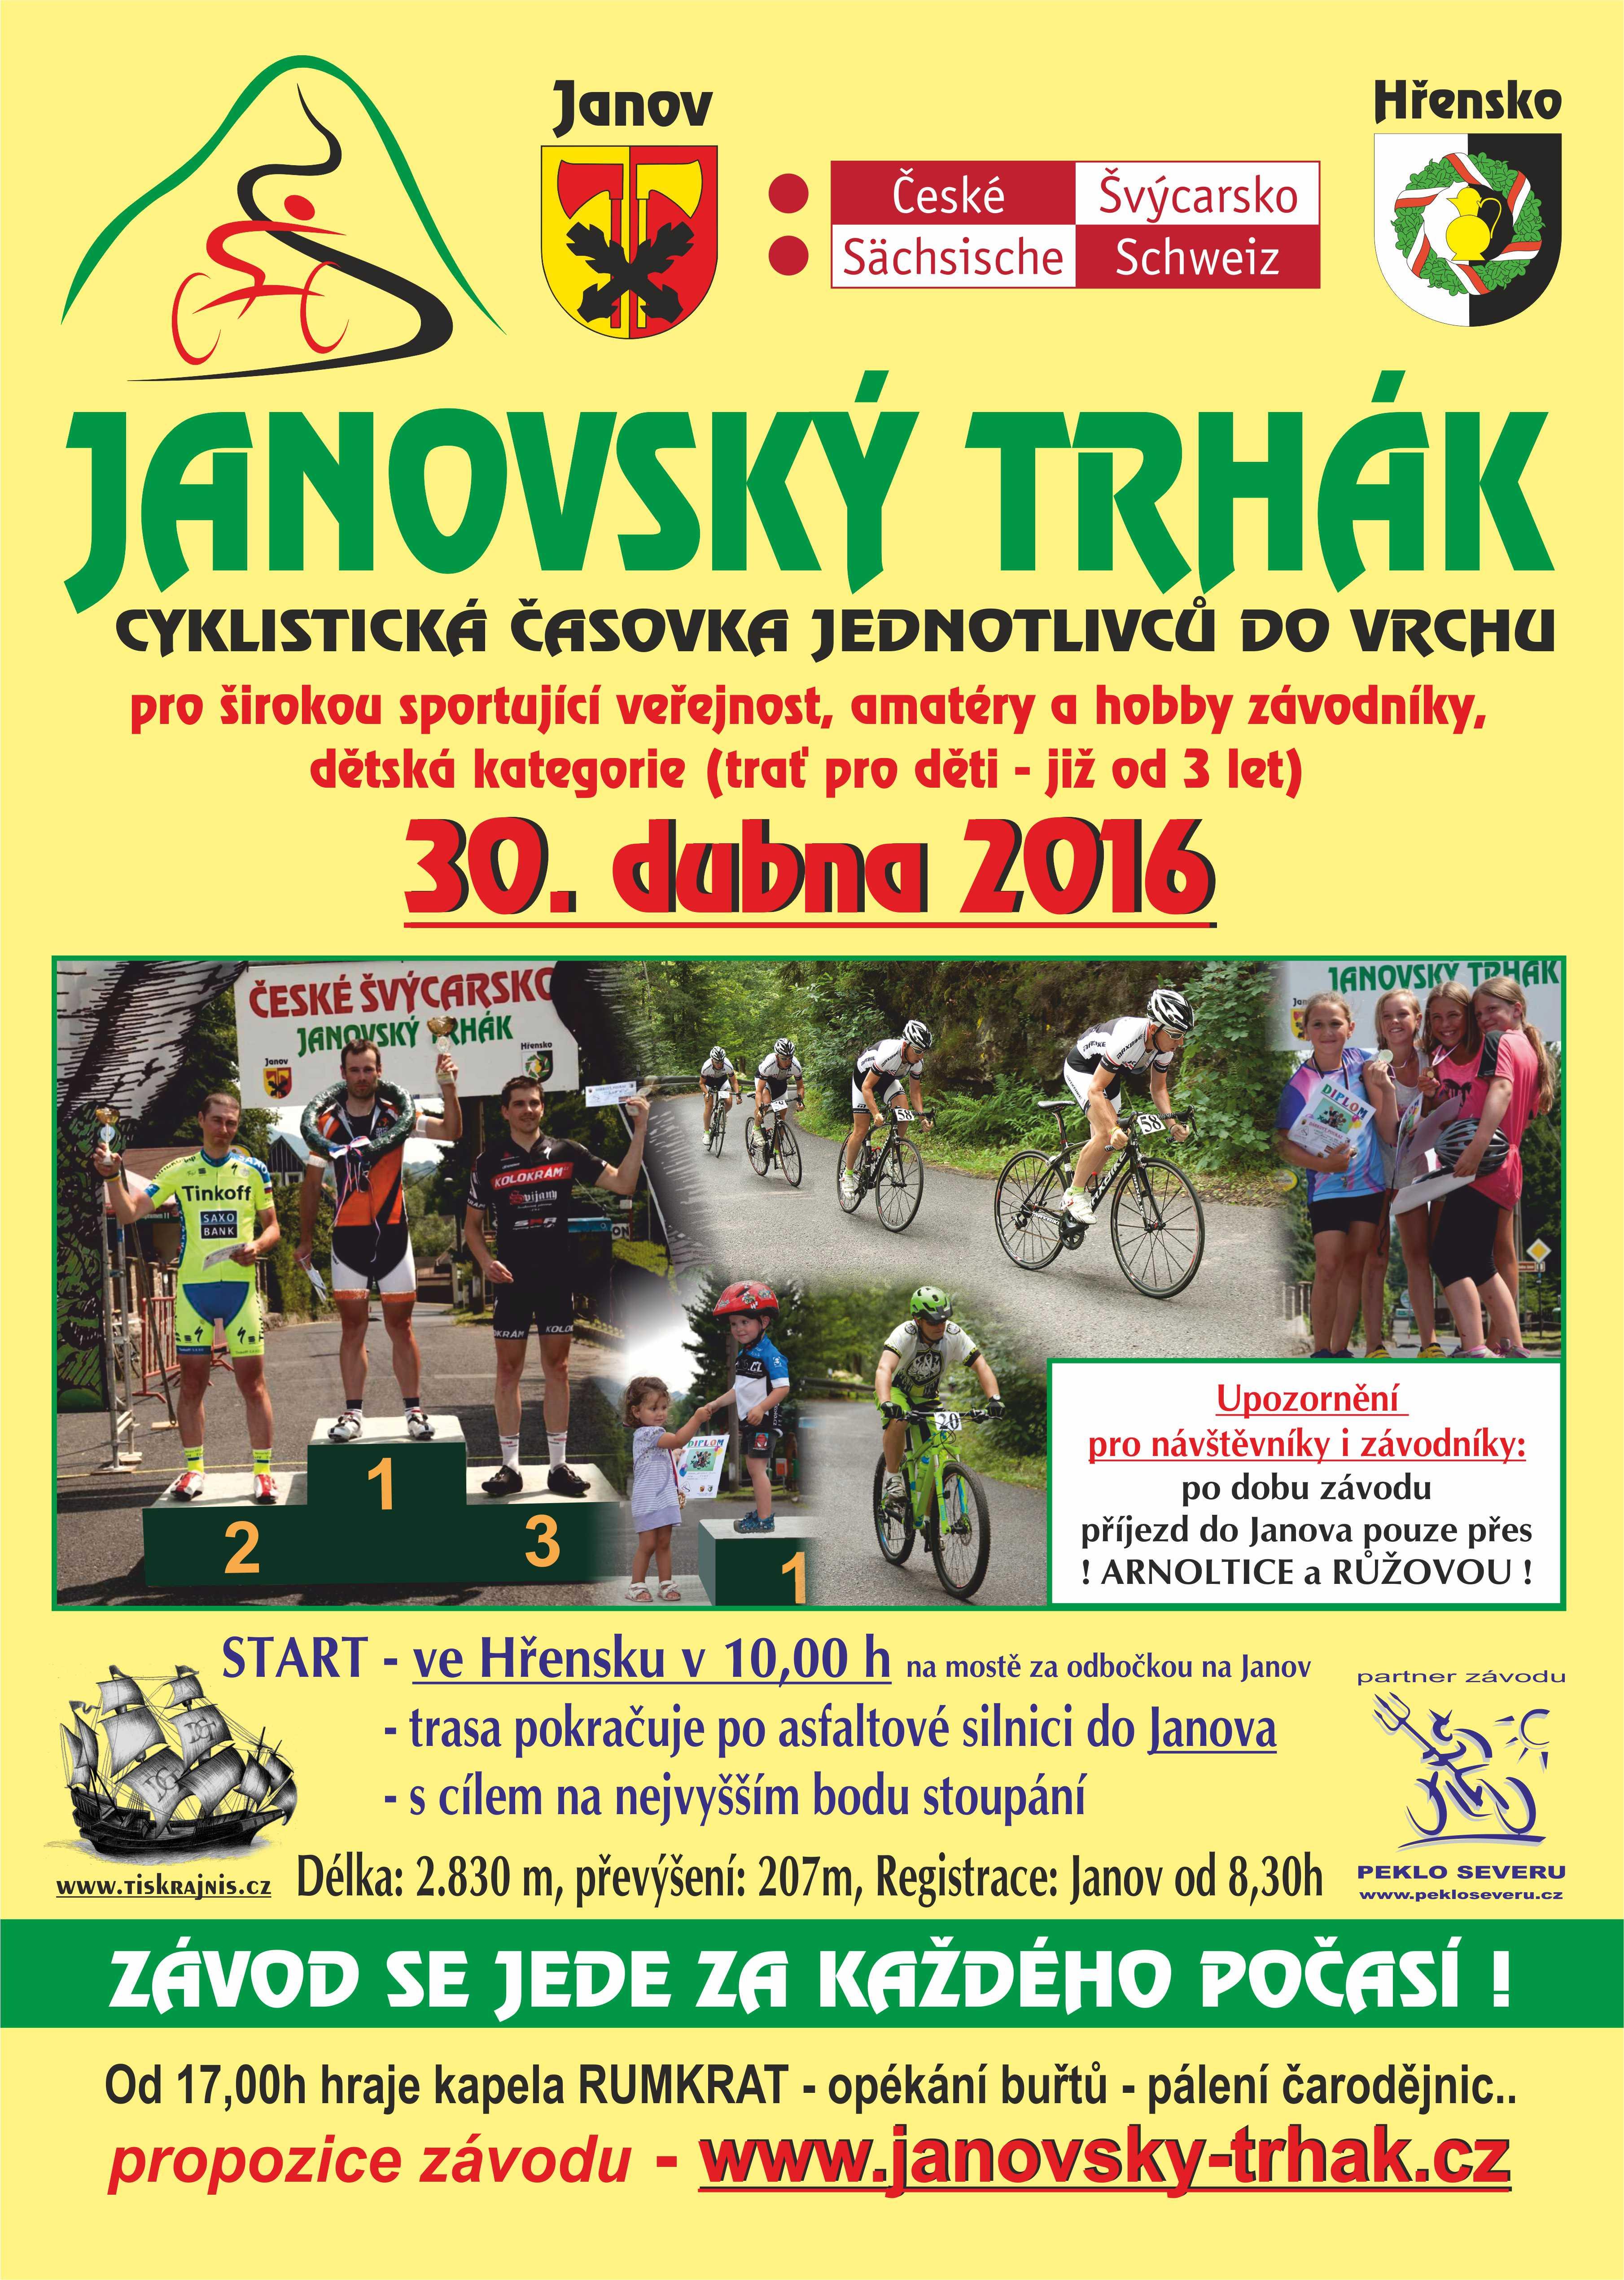 Janovský trhák - plakát 2016